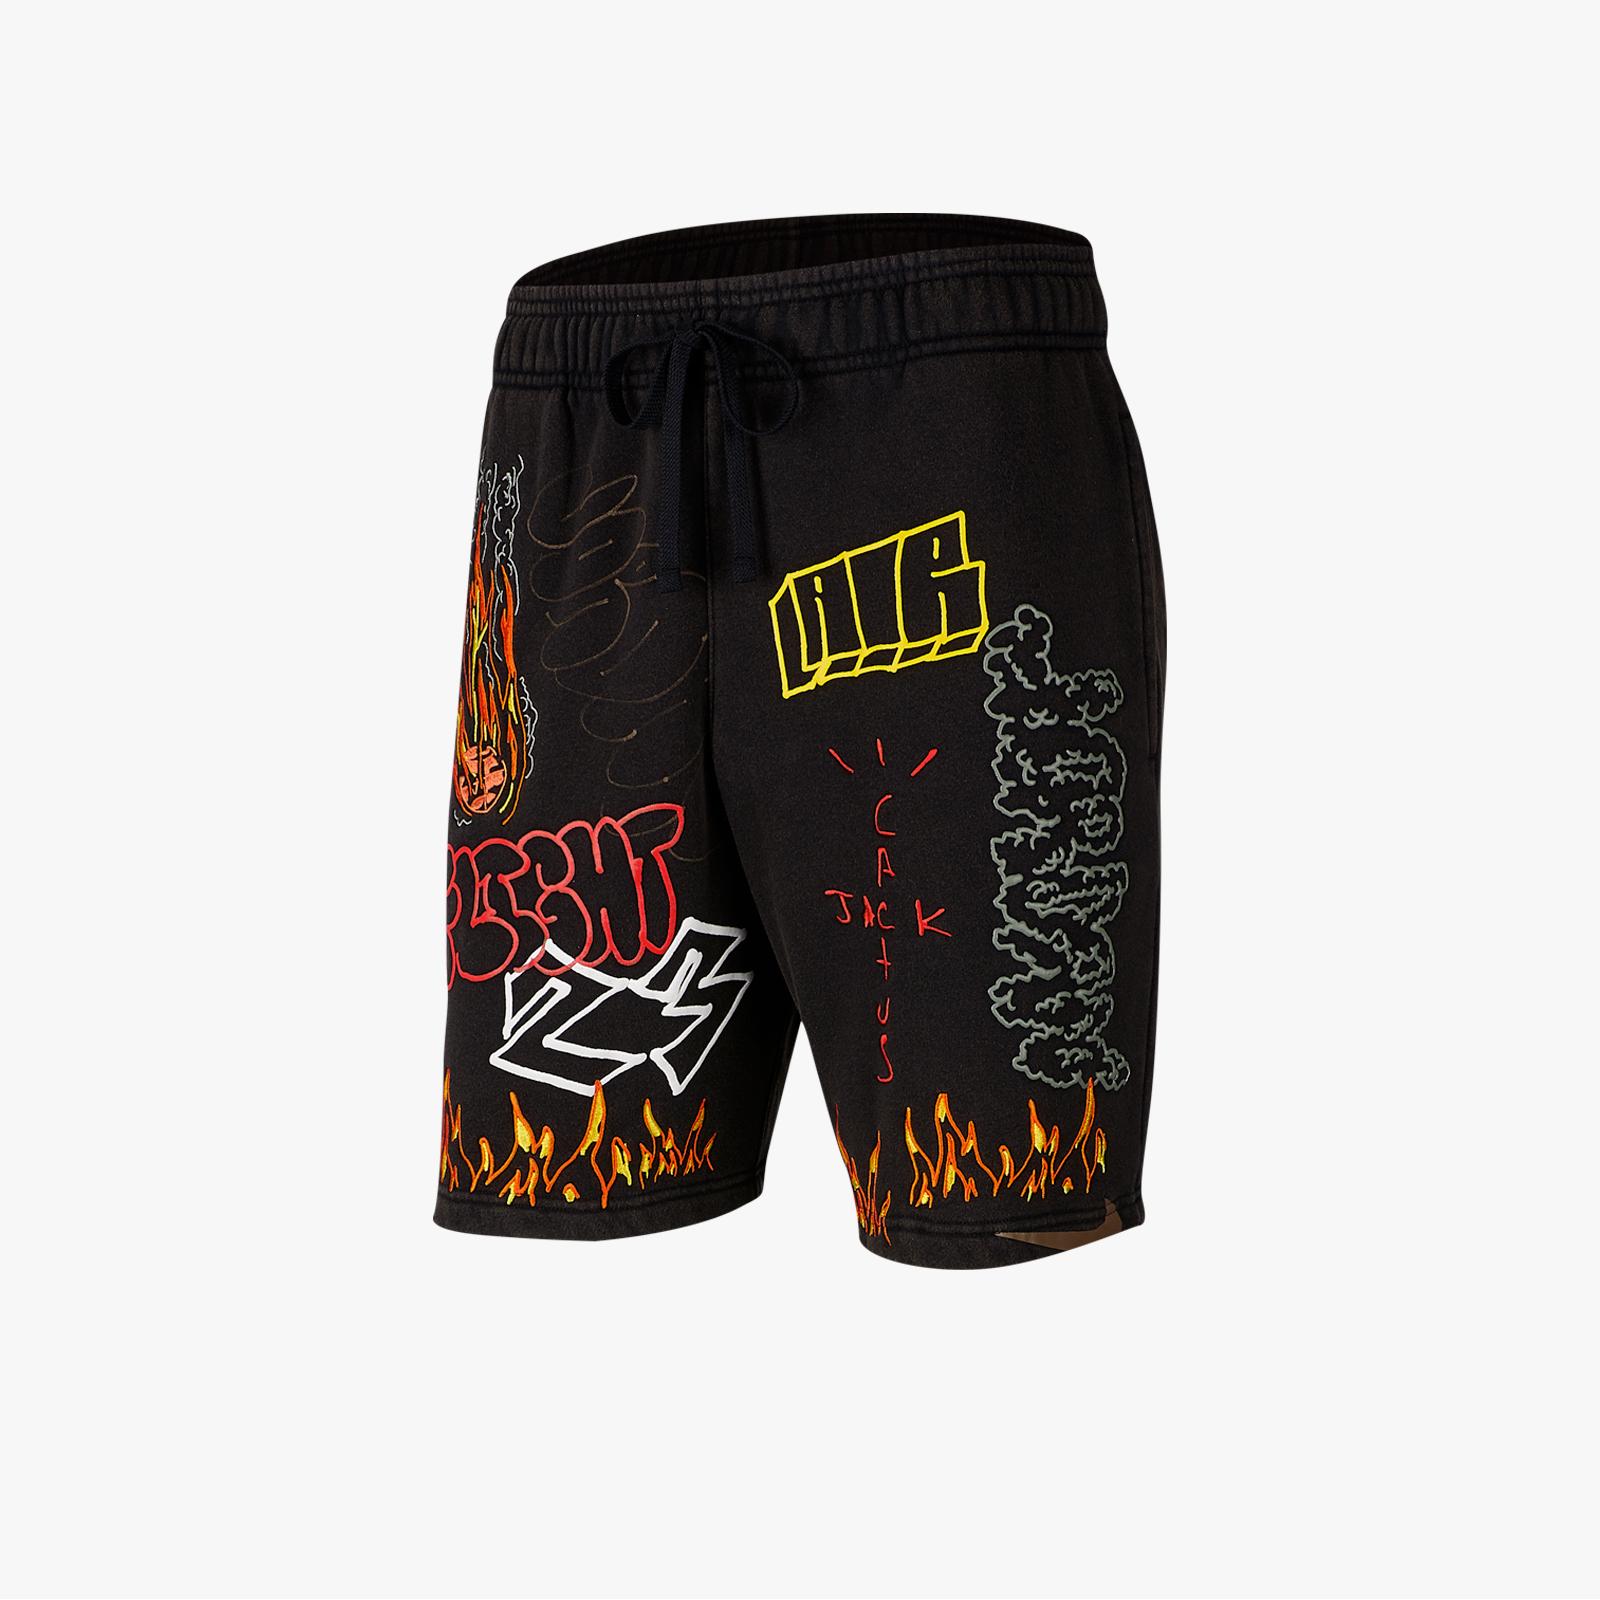 51e43d0ecbca52 Jordan Brand Fleece Short x Travis Scott - Ck4026-010 ...